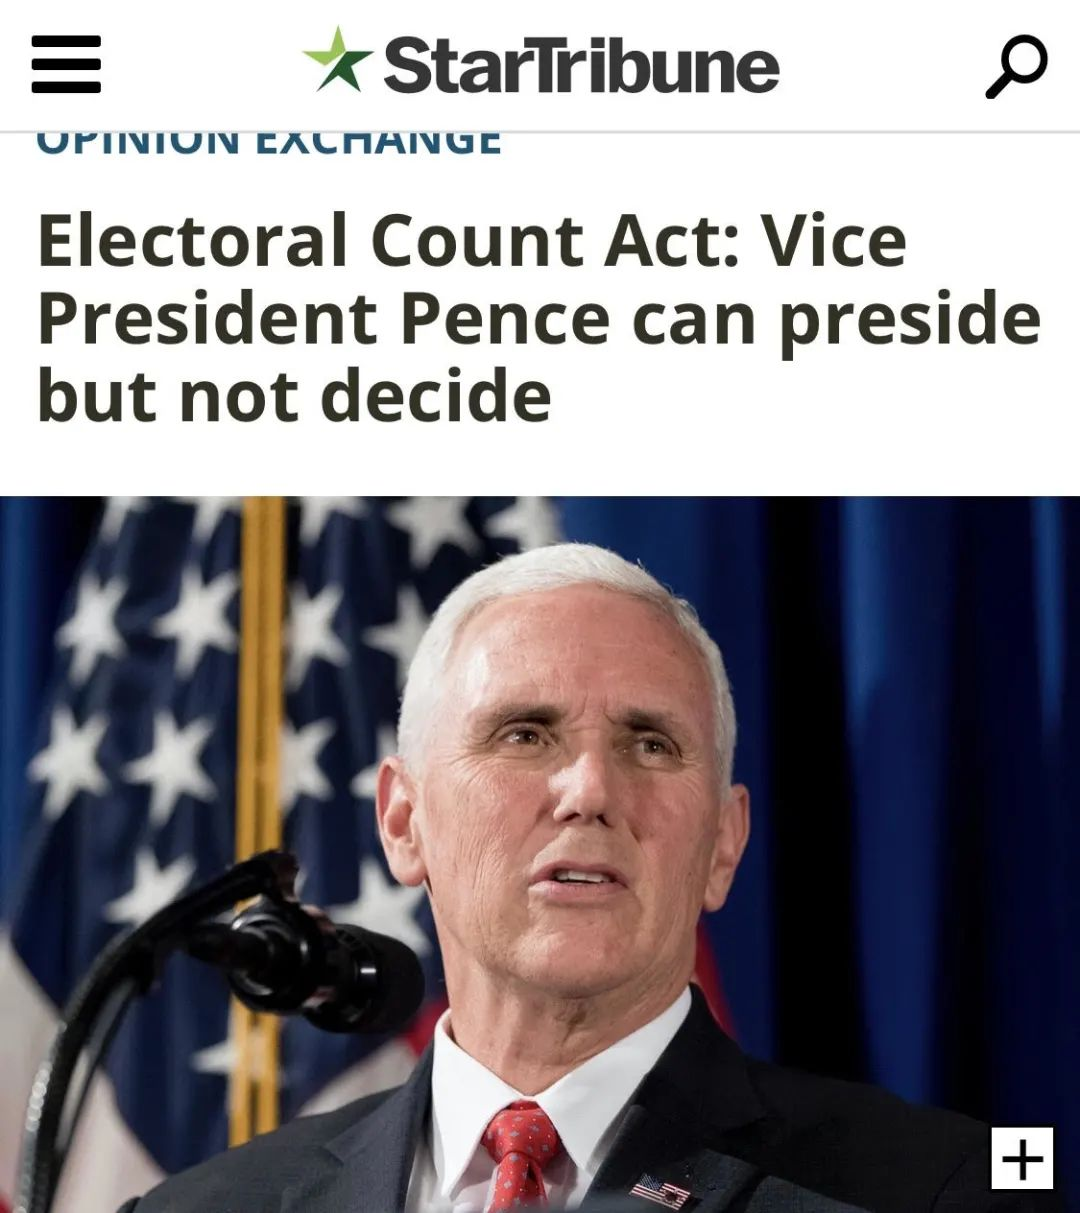 国会计票日,特朗普寄望的副总统彭斯能帮他翻盘吗?(附音频)